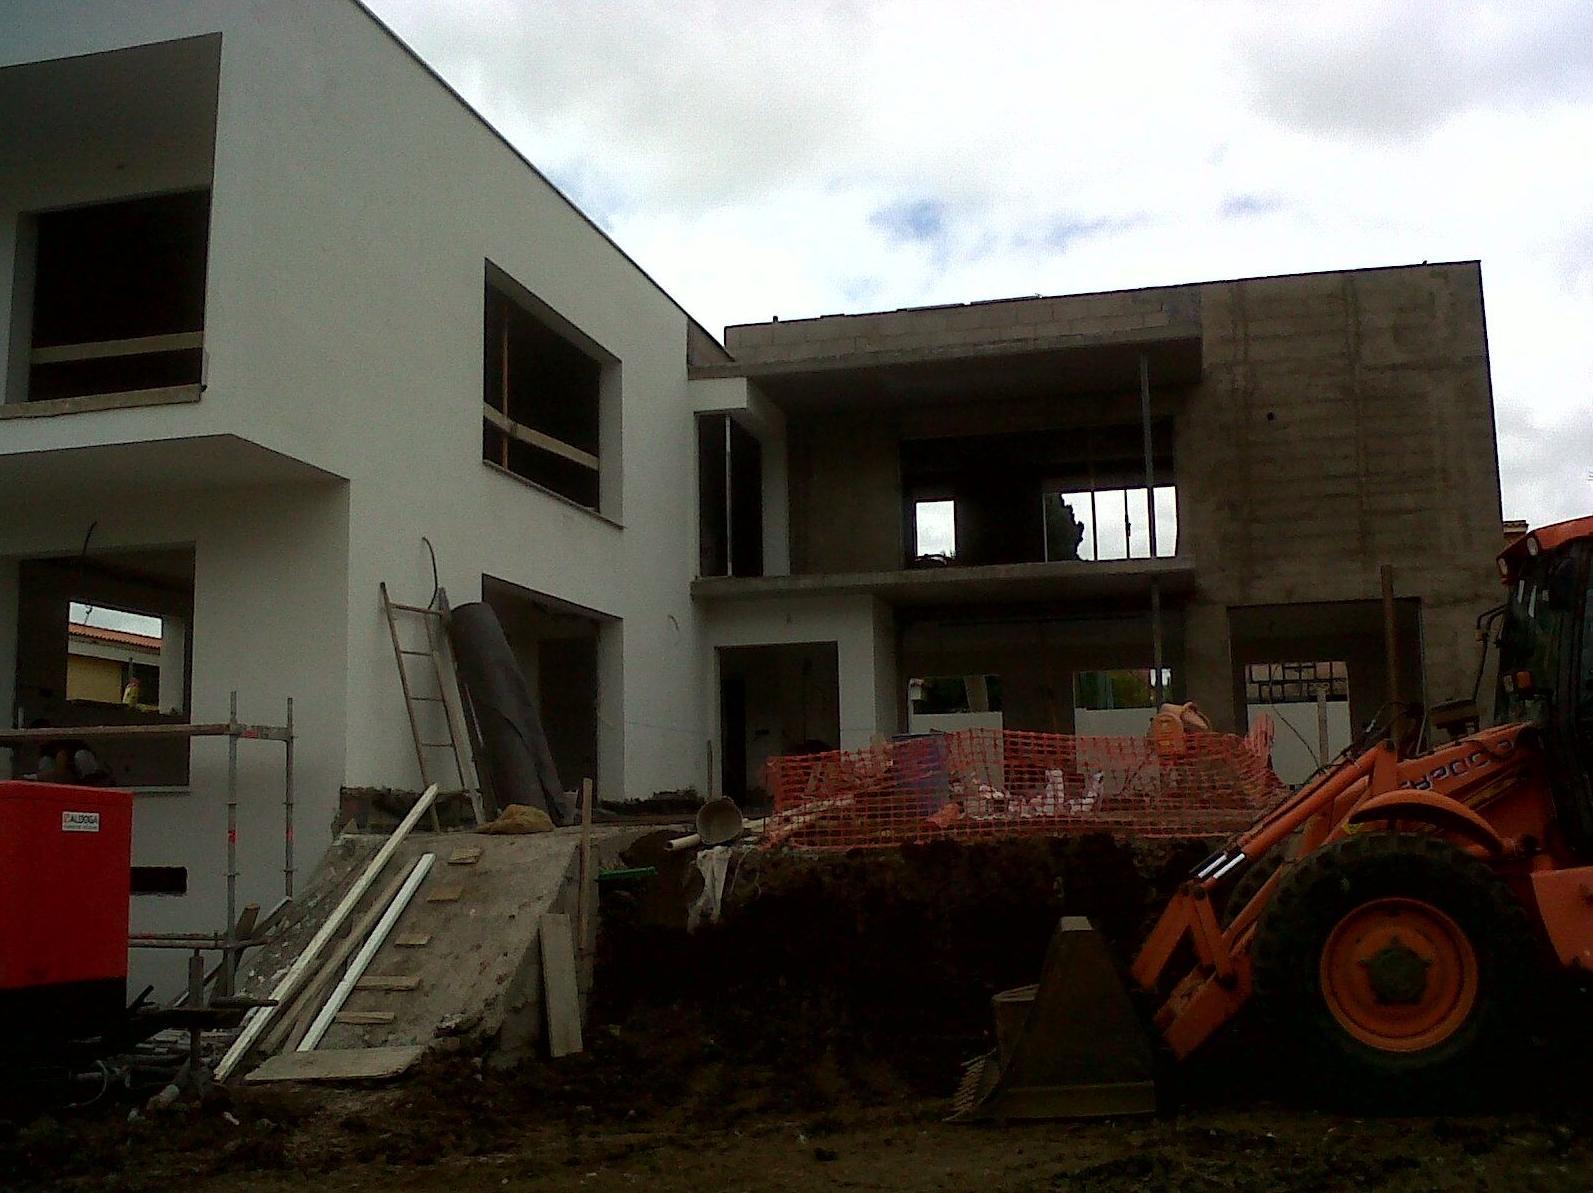 Construcci n construcci n de alyanza construcciones y - Construcciones y reformas ...